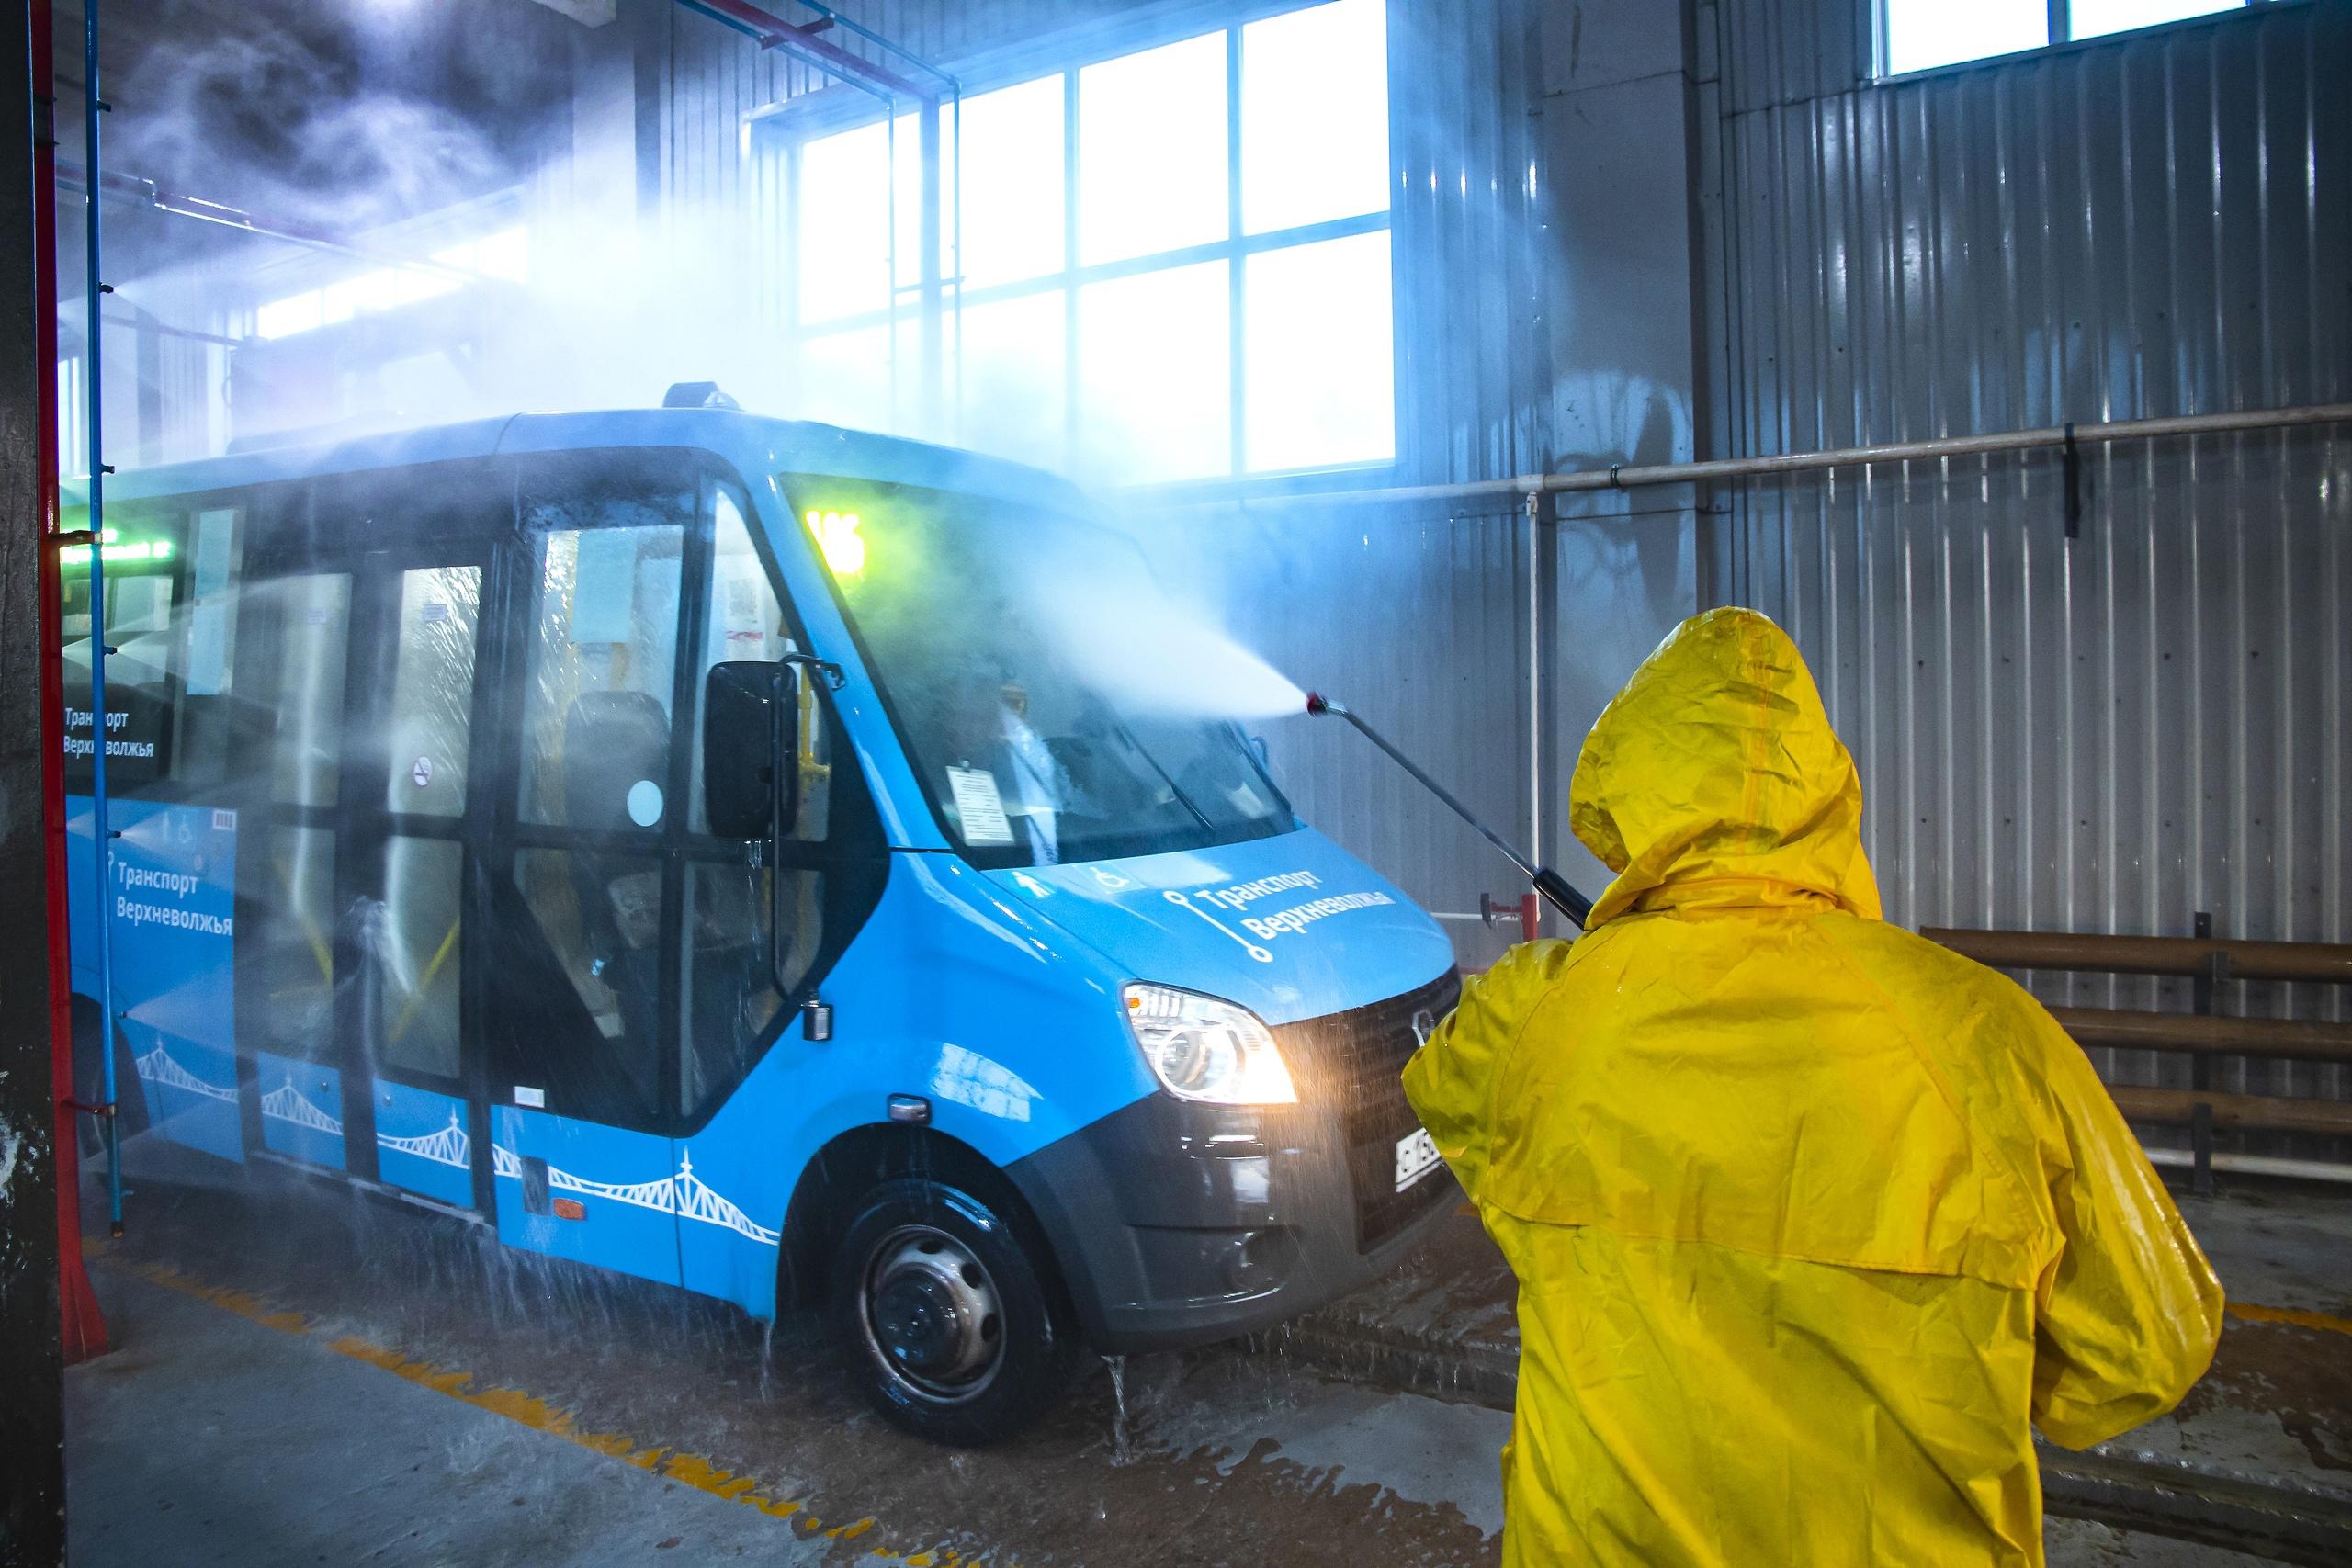 Общественный транспорт в Тверской области обрабатывают несколько раз в день